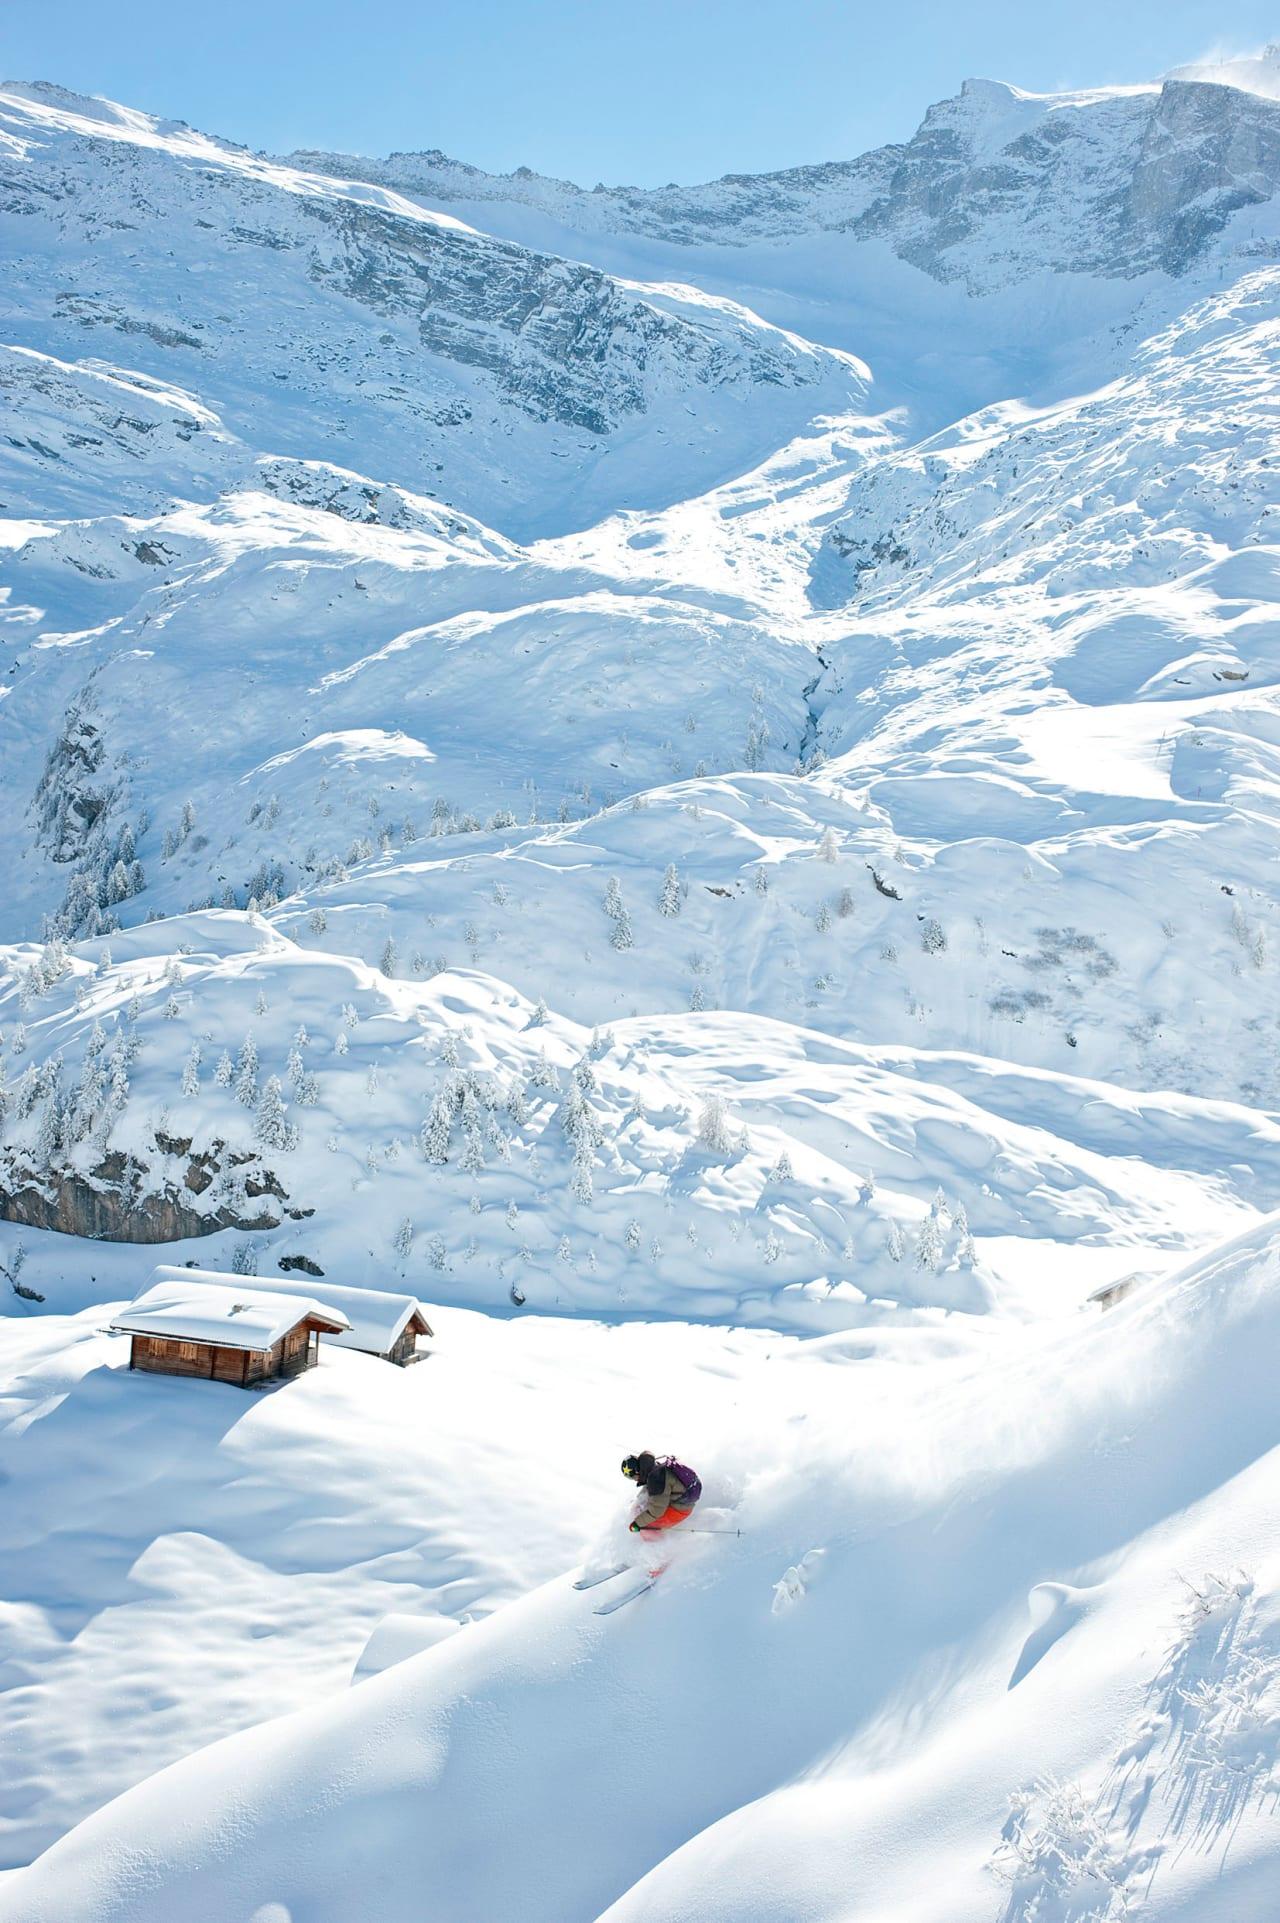 TERRENG: Vanligvis ligger Alpenes sommerskisentre på nokså flate breer, høyt over havet. Men med gondoler som frakter deg opp fra dalen er det store mengder kult frikjøringsterreng tilgjengelig med heis når det kommer snø. Også dette bildet er fra den legendariske oktoberdagen i fjor. Foto: Michael Neumann